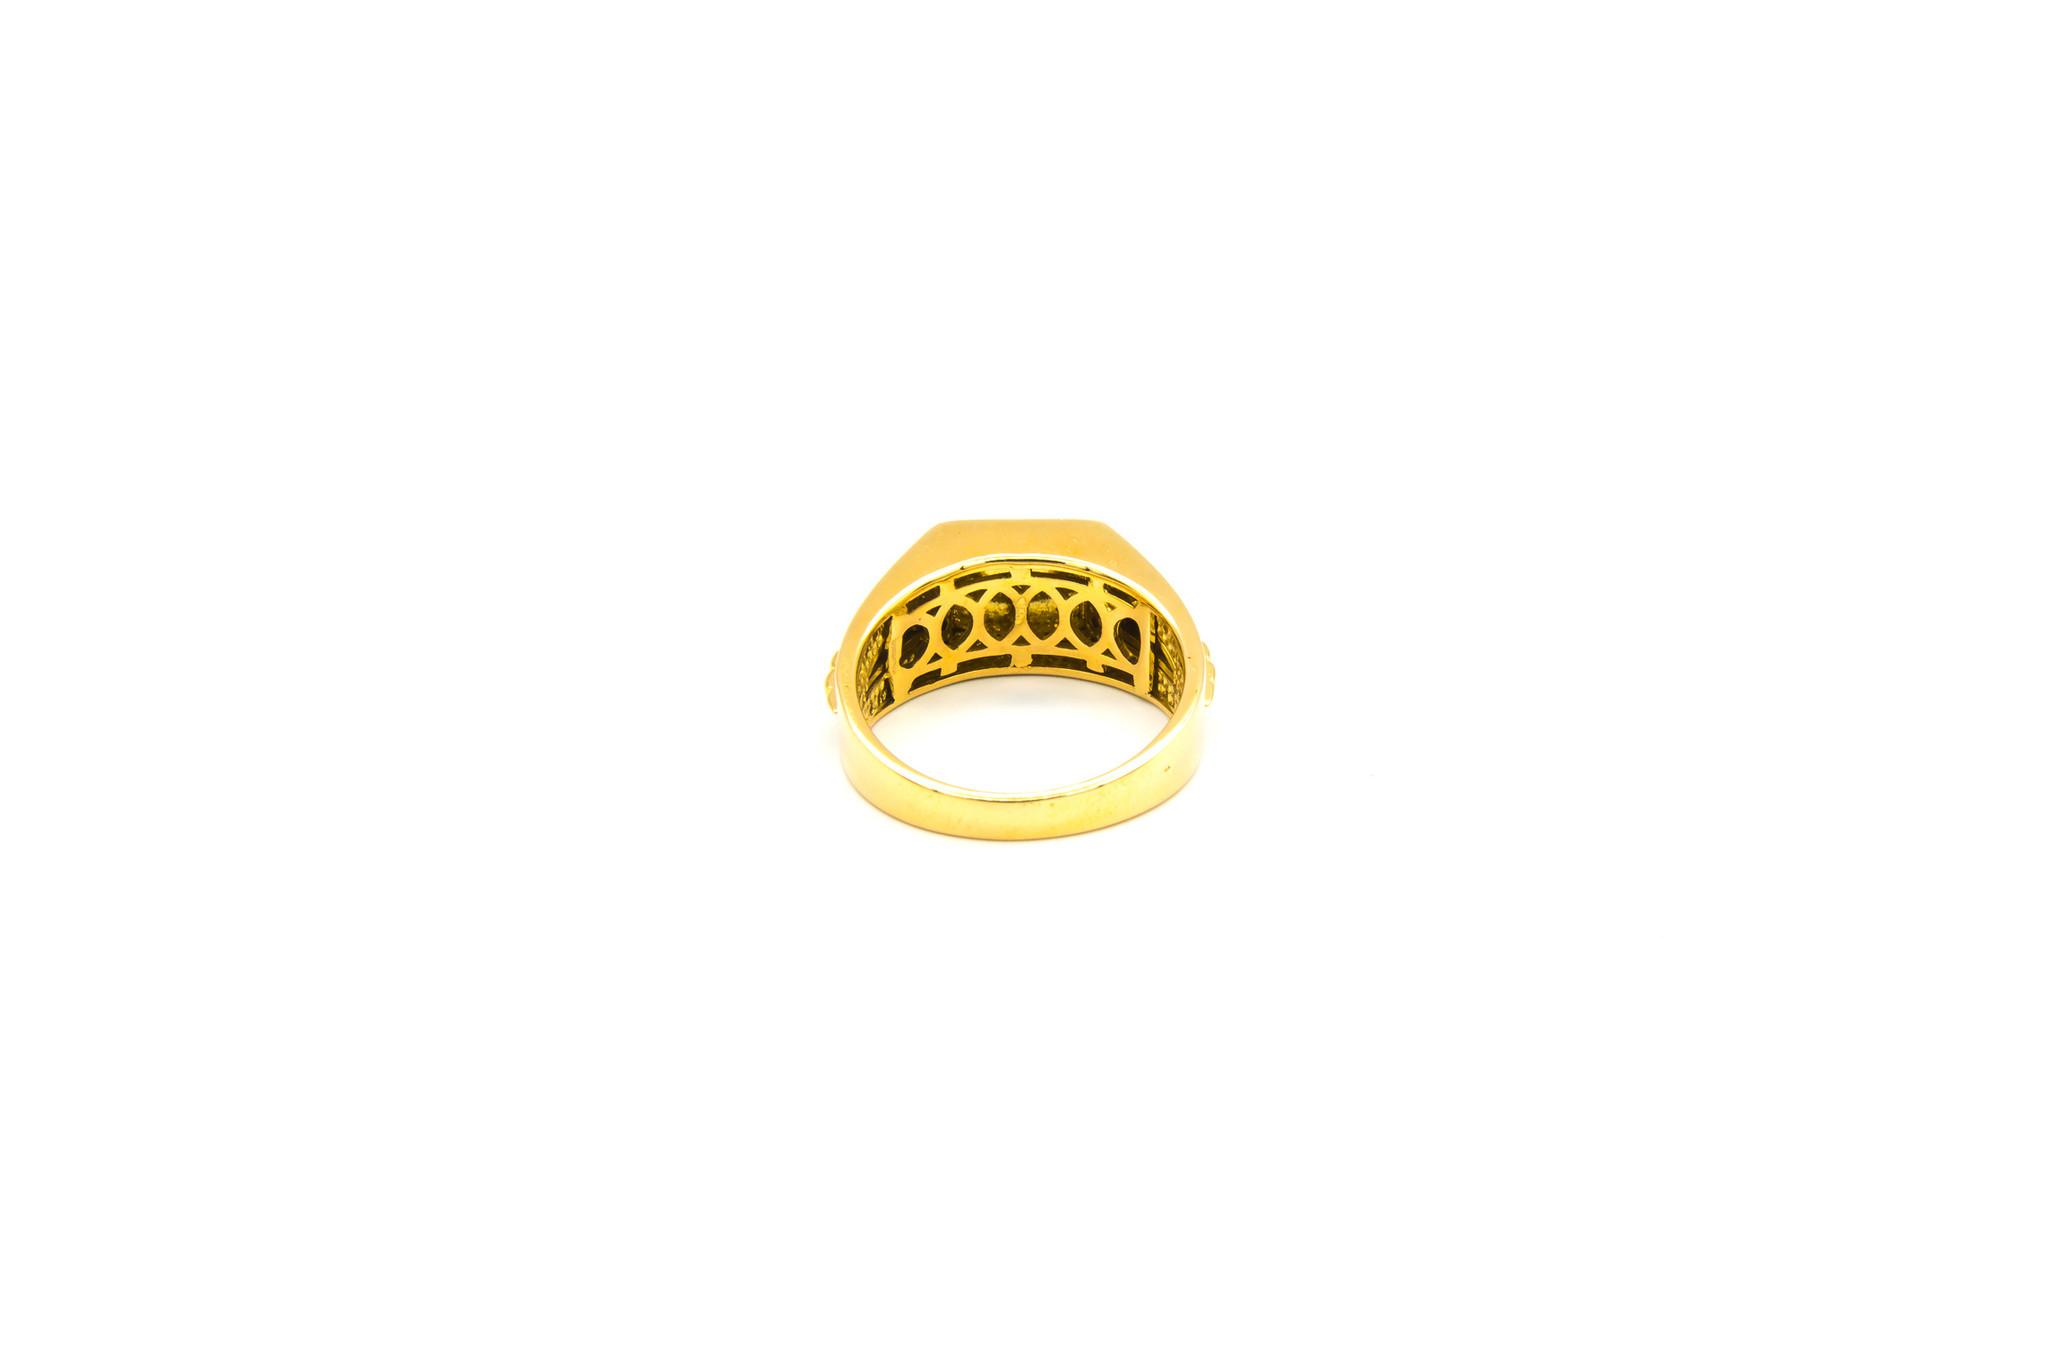 Ring gladde vierkante zegel, bewerkte band en zirkonia's-4